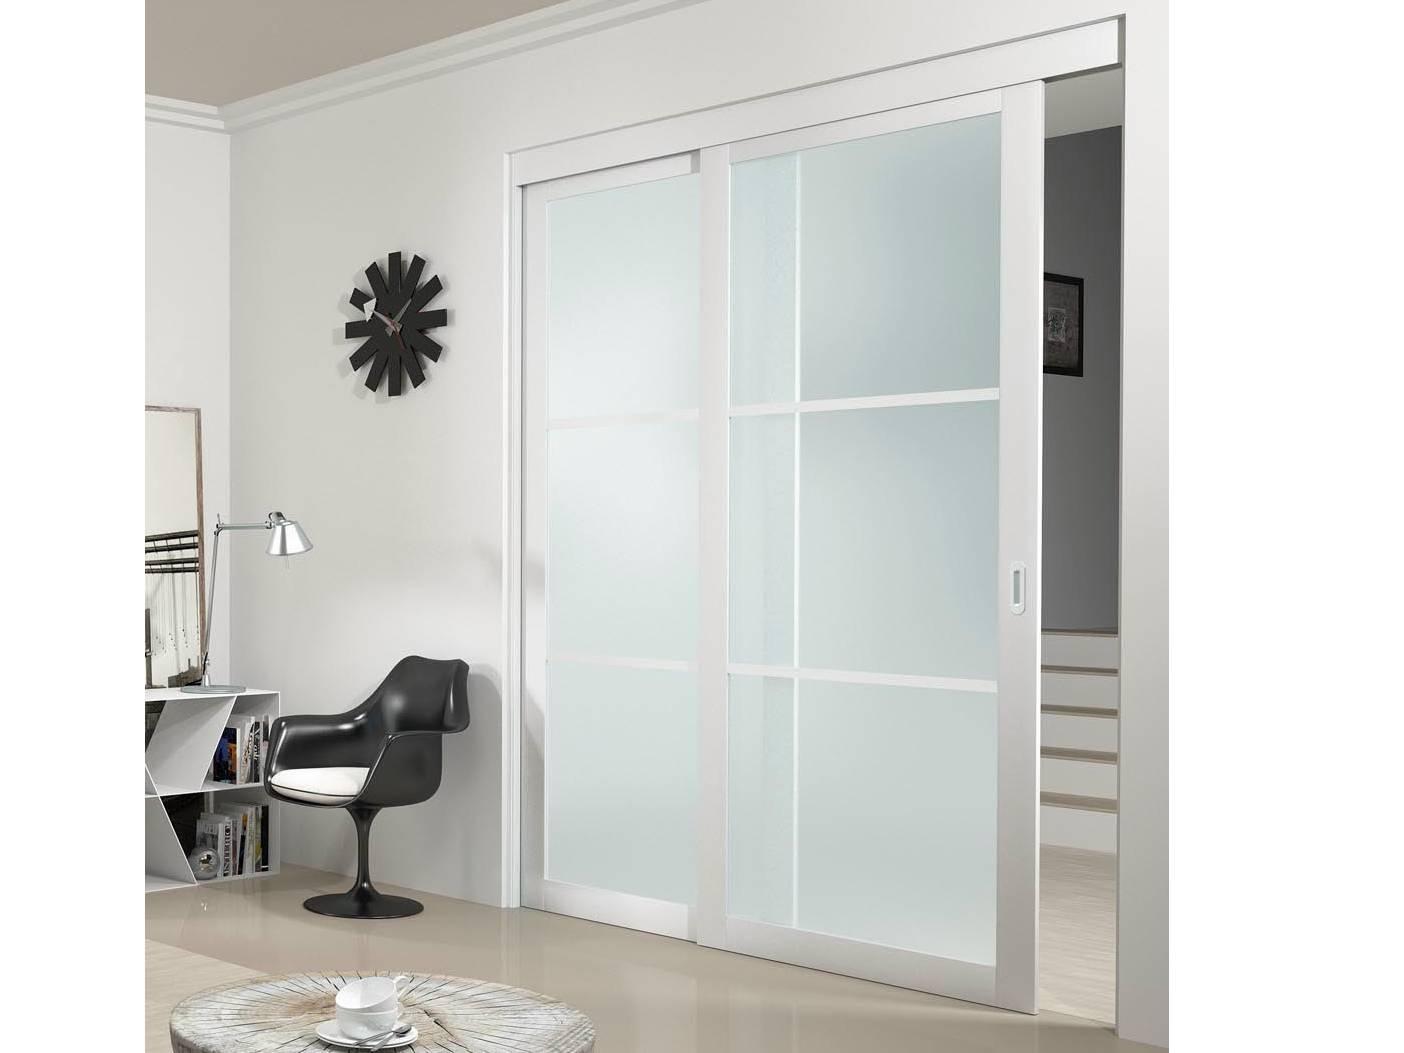 Раздвижные стеклянные двери - межкомнатные и перегородки, 4 вида конструкций